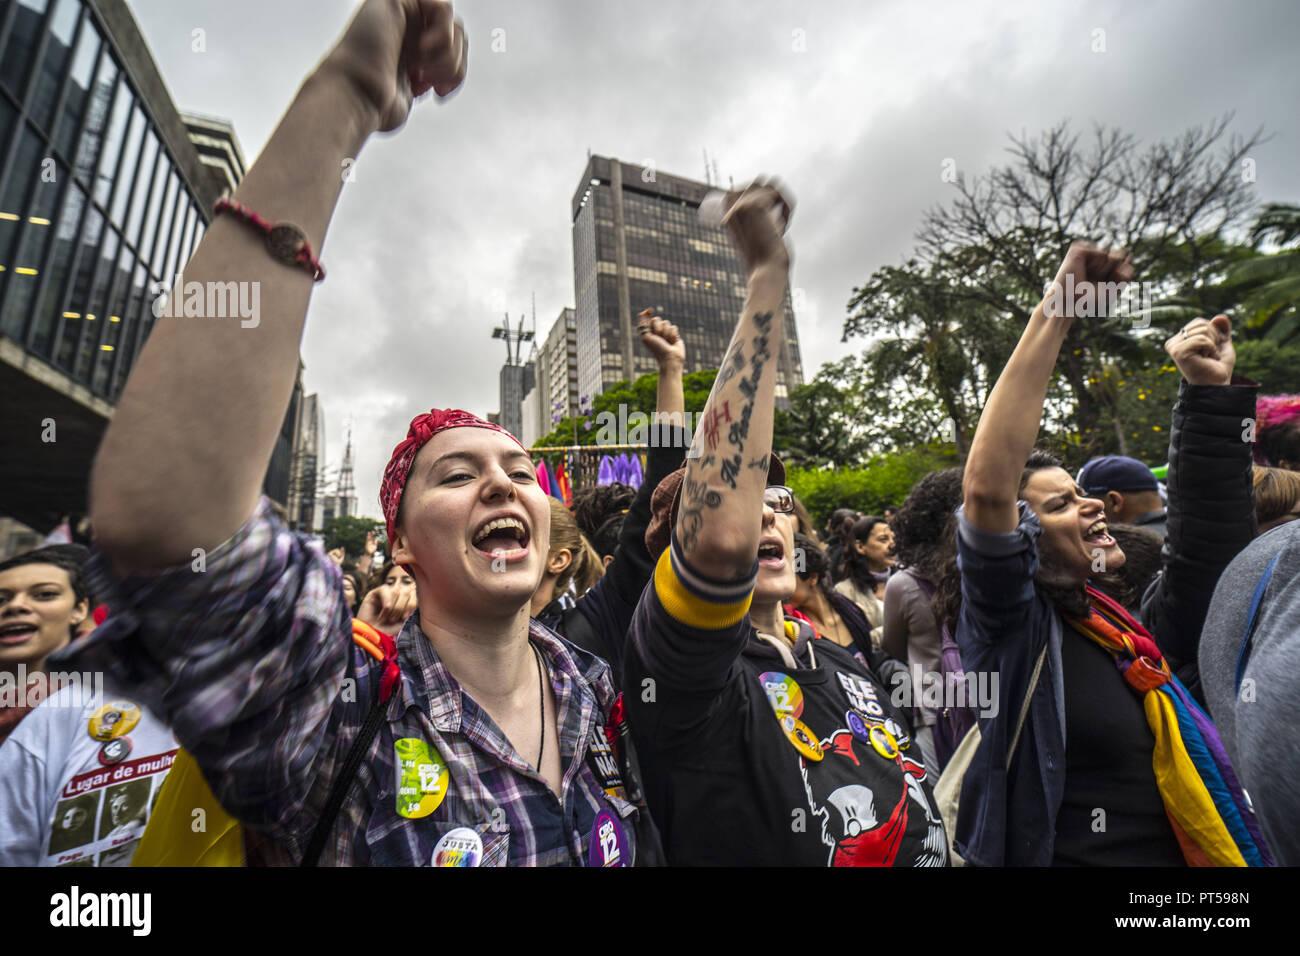 Sao Paulo, Brasilien. Oktober 6, 2018 Demonstranten teil in Frauen protestieren gegen brasilianischen Rechten Präsidentschaftskandidaten Jair Bolsonaro durch eine Social Media Kampagne unter dem Hashtag #EleNao (Nicht Ihn) in Sao Paulo, Brasilien genannt, am 6. Oktober 2018. - Die Bewerber vying Brasilien die nächsten Präsidenten werden die letzten verzweifelten Versuche unentschiedene Wähler vor einer Runde Wahl Sonntag, der eine polarisierende Rechtsextreme Politiker, Jair Bolsonaro anzuflehen, wird bevorzugt zu gewinnen. (Bild: © Cris Fafa/ZUMA Draht) Stockfoto